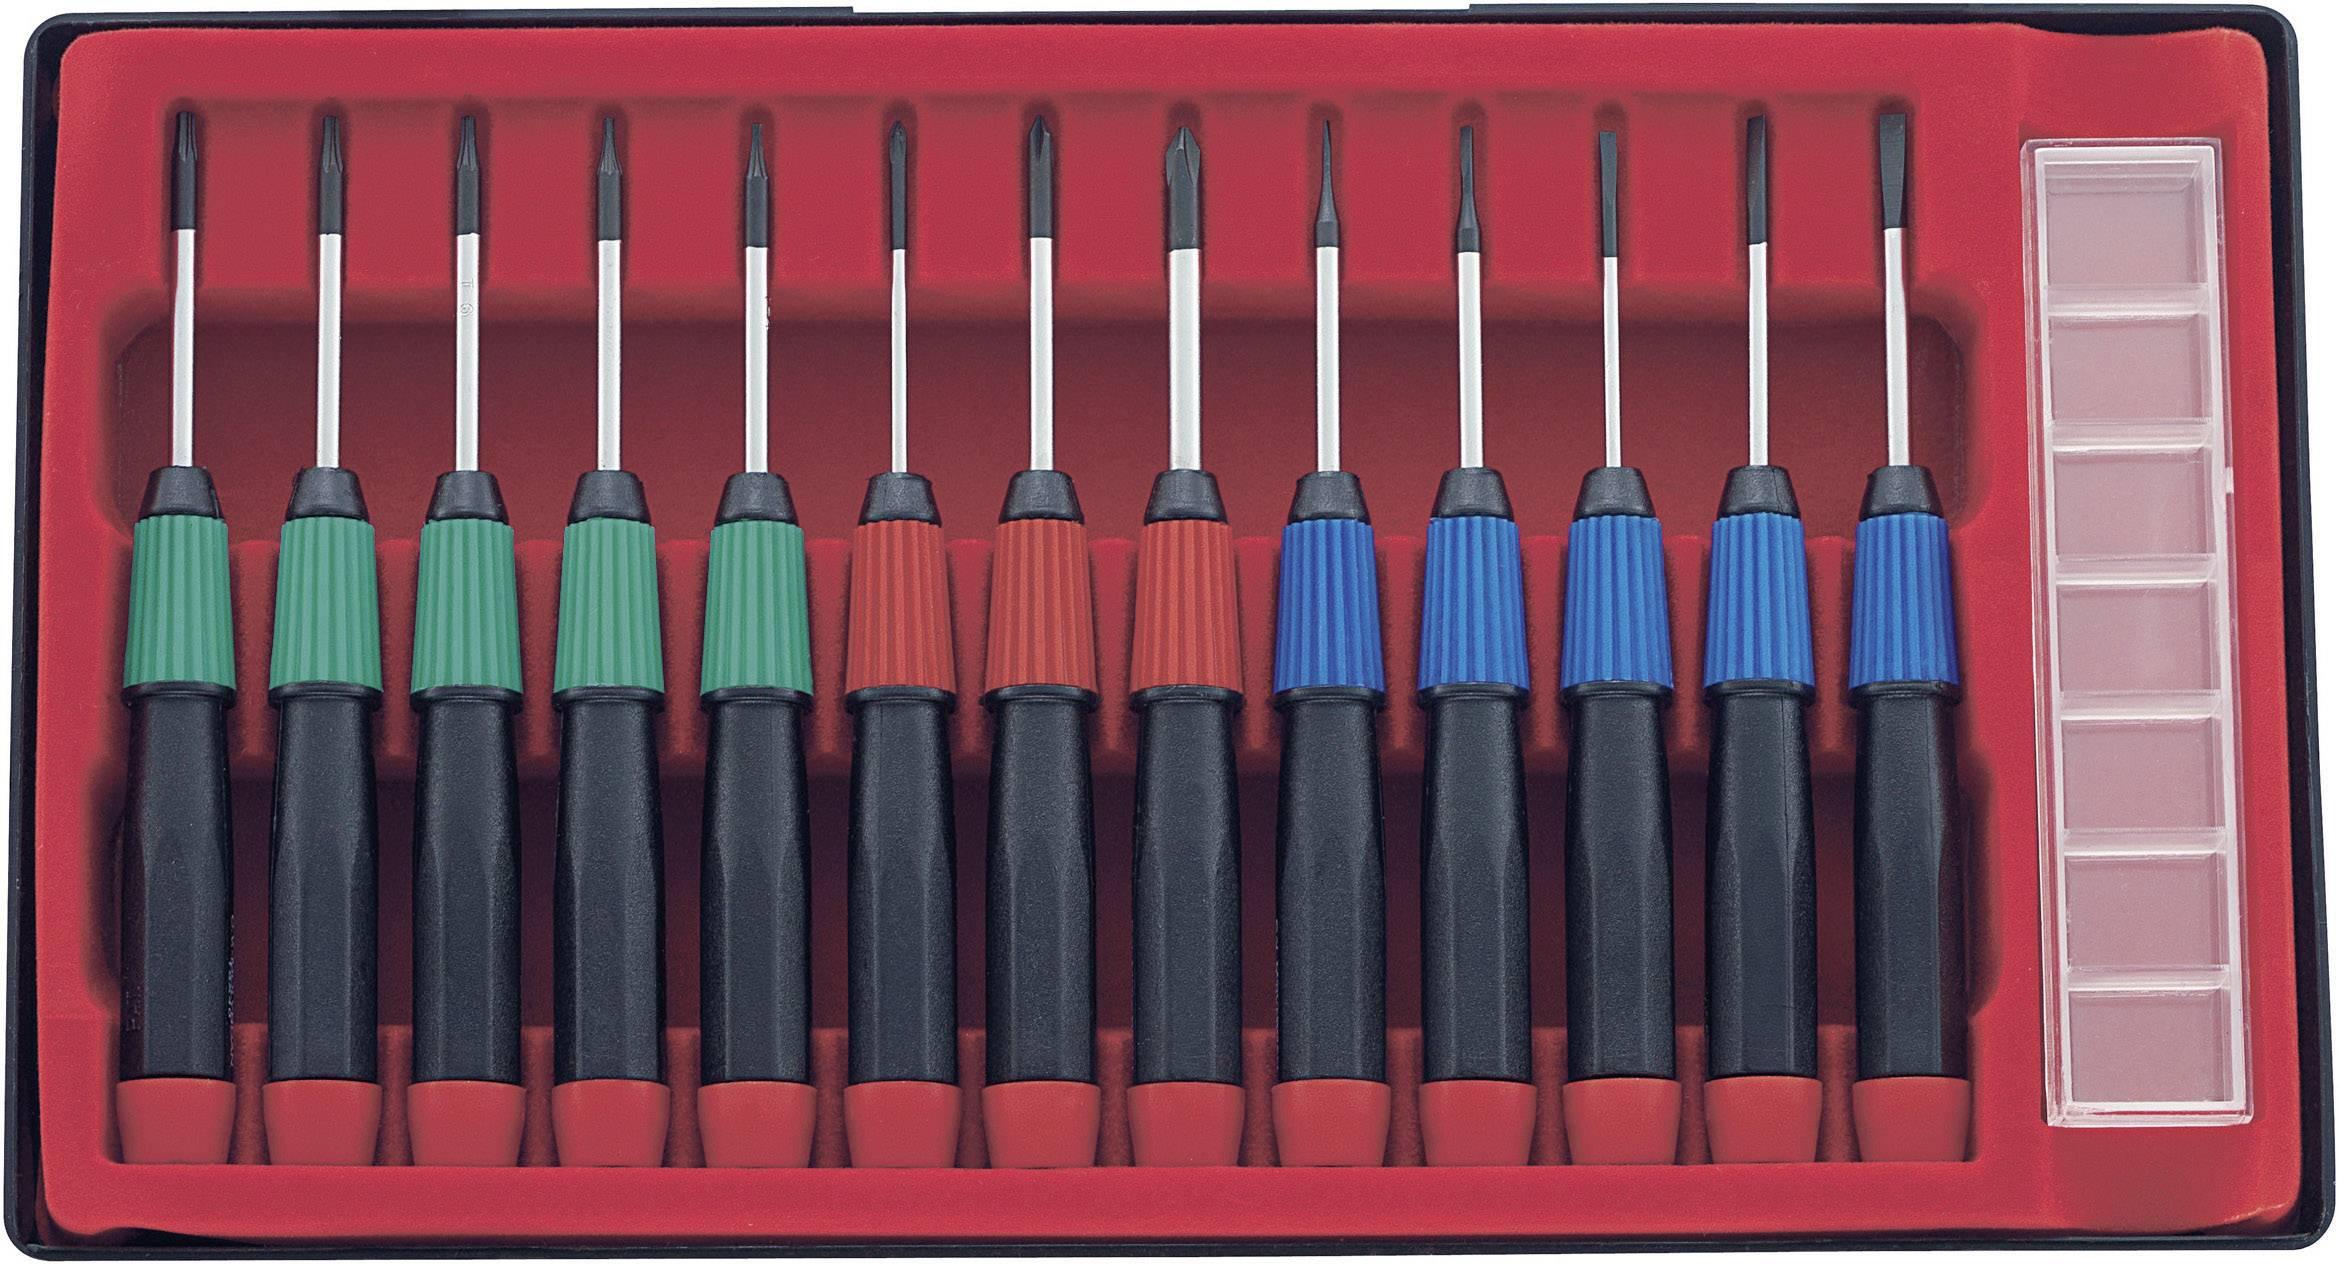 Sada skrutkovačov pre elektroniku a jemnú mechaniku Basetech 813679, 14-dielna